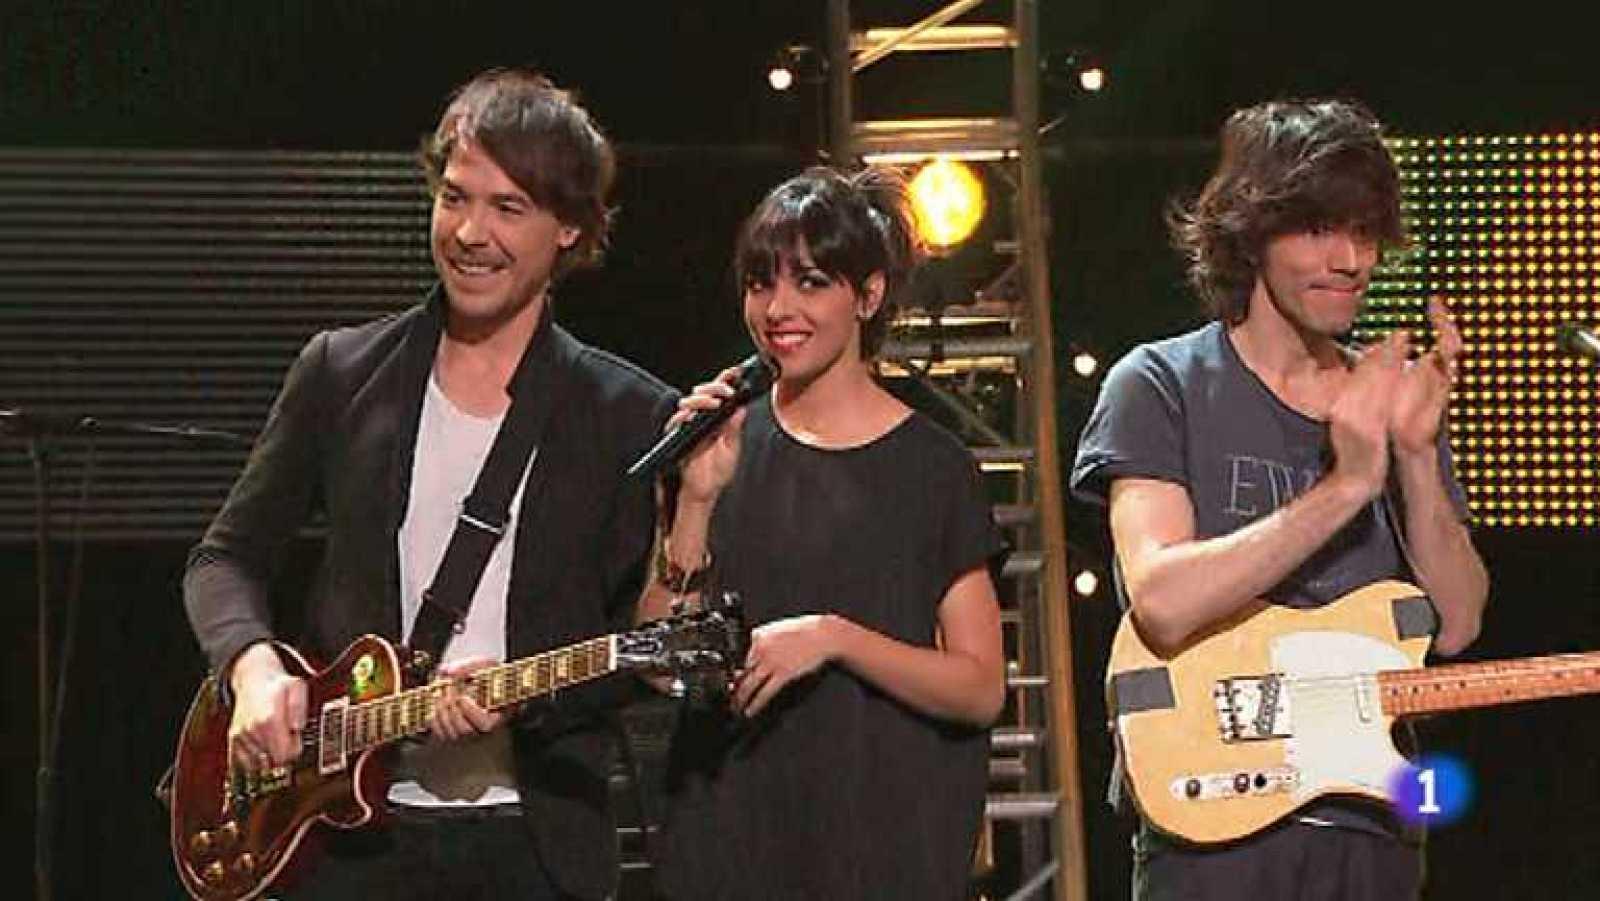 El sueño de Morfeo. Destino Eurovisión - Ver ahora